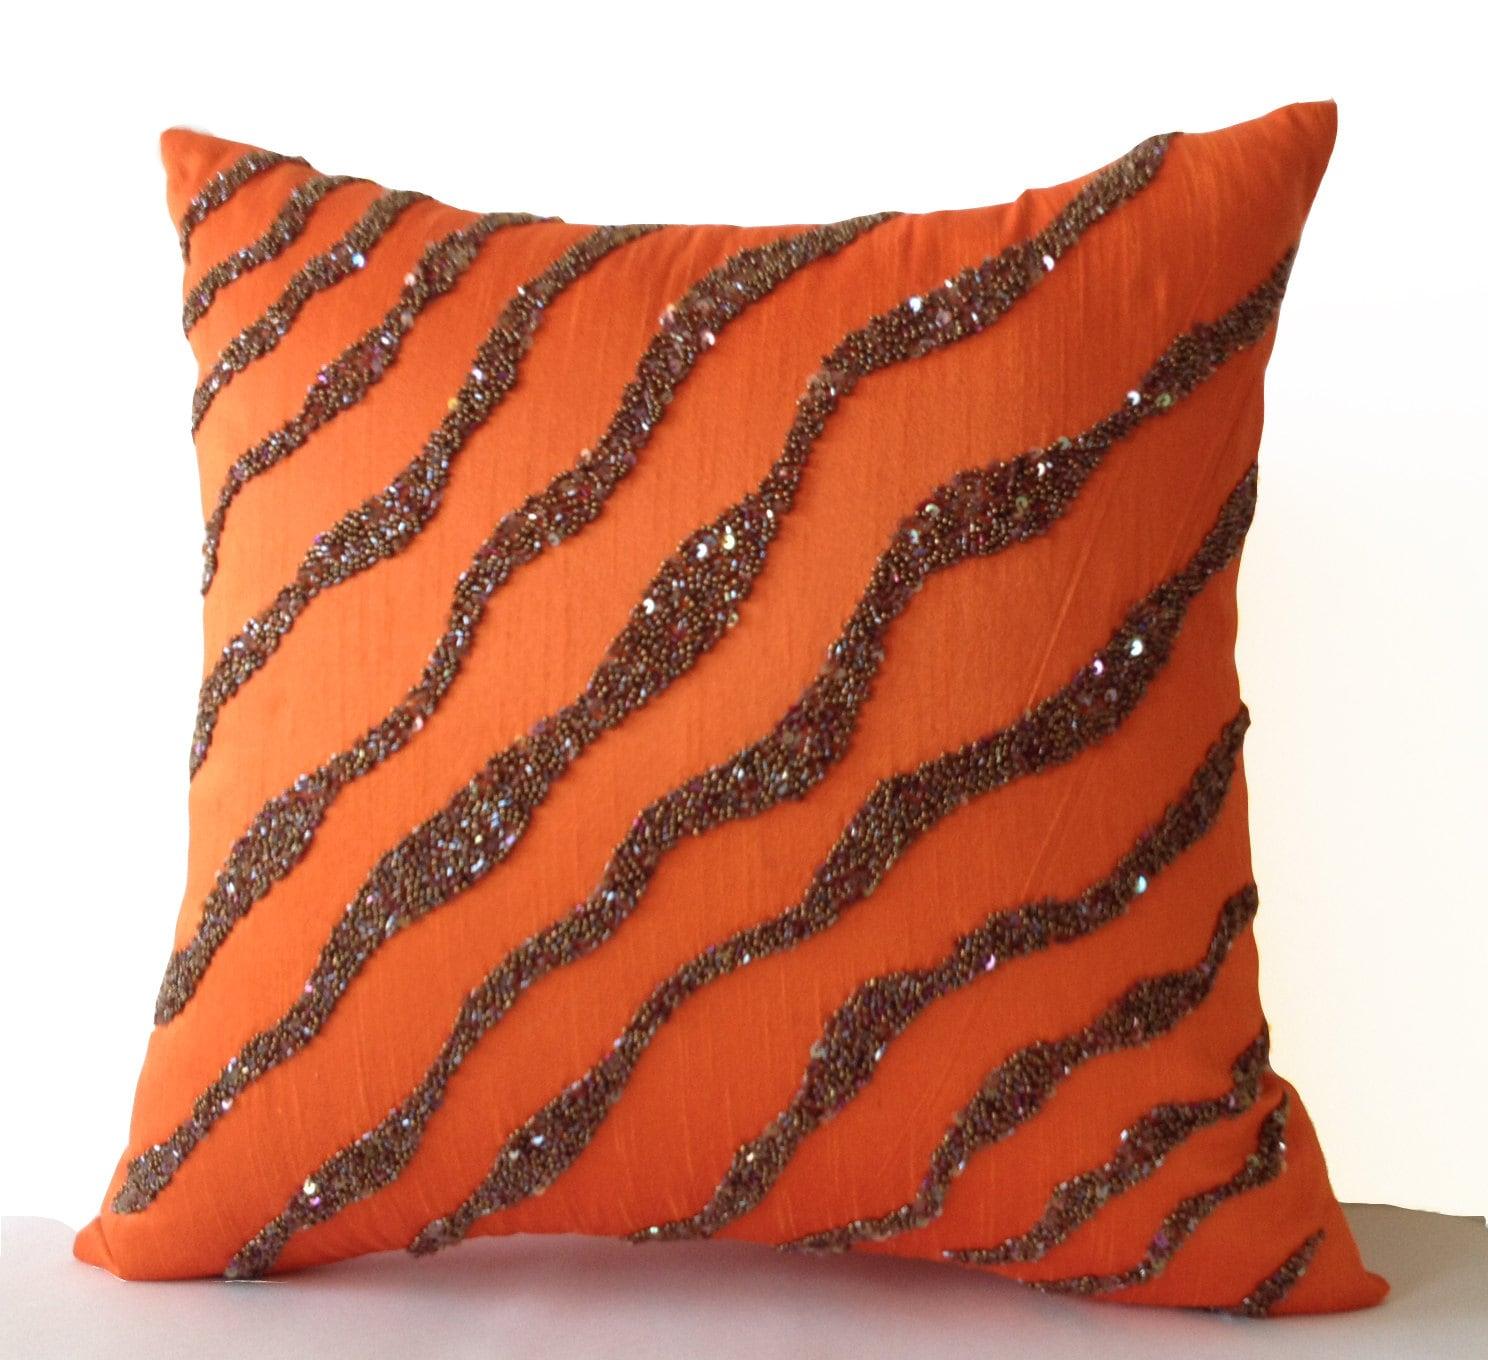 gallery white fiesta blanket throw and key cushion pillows pillow decorative coastal brown orange